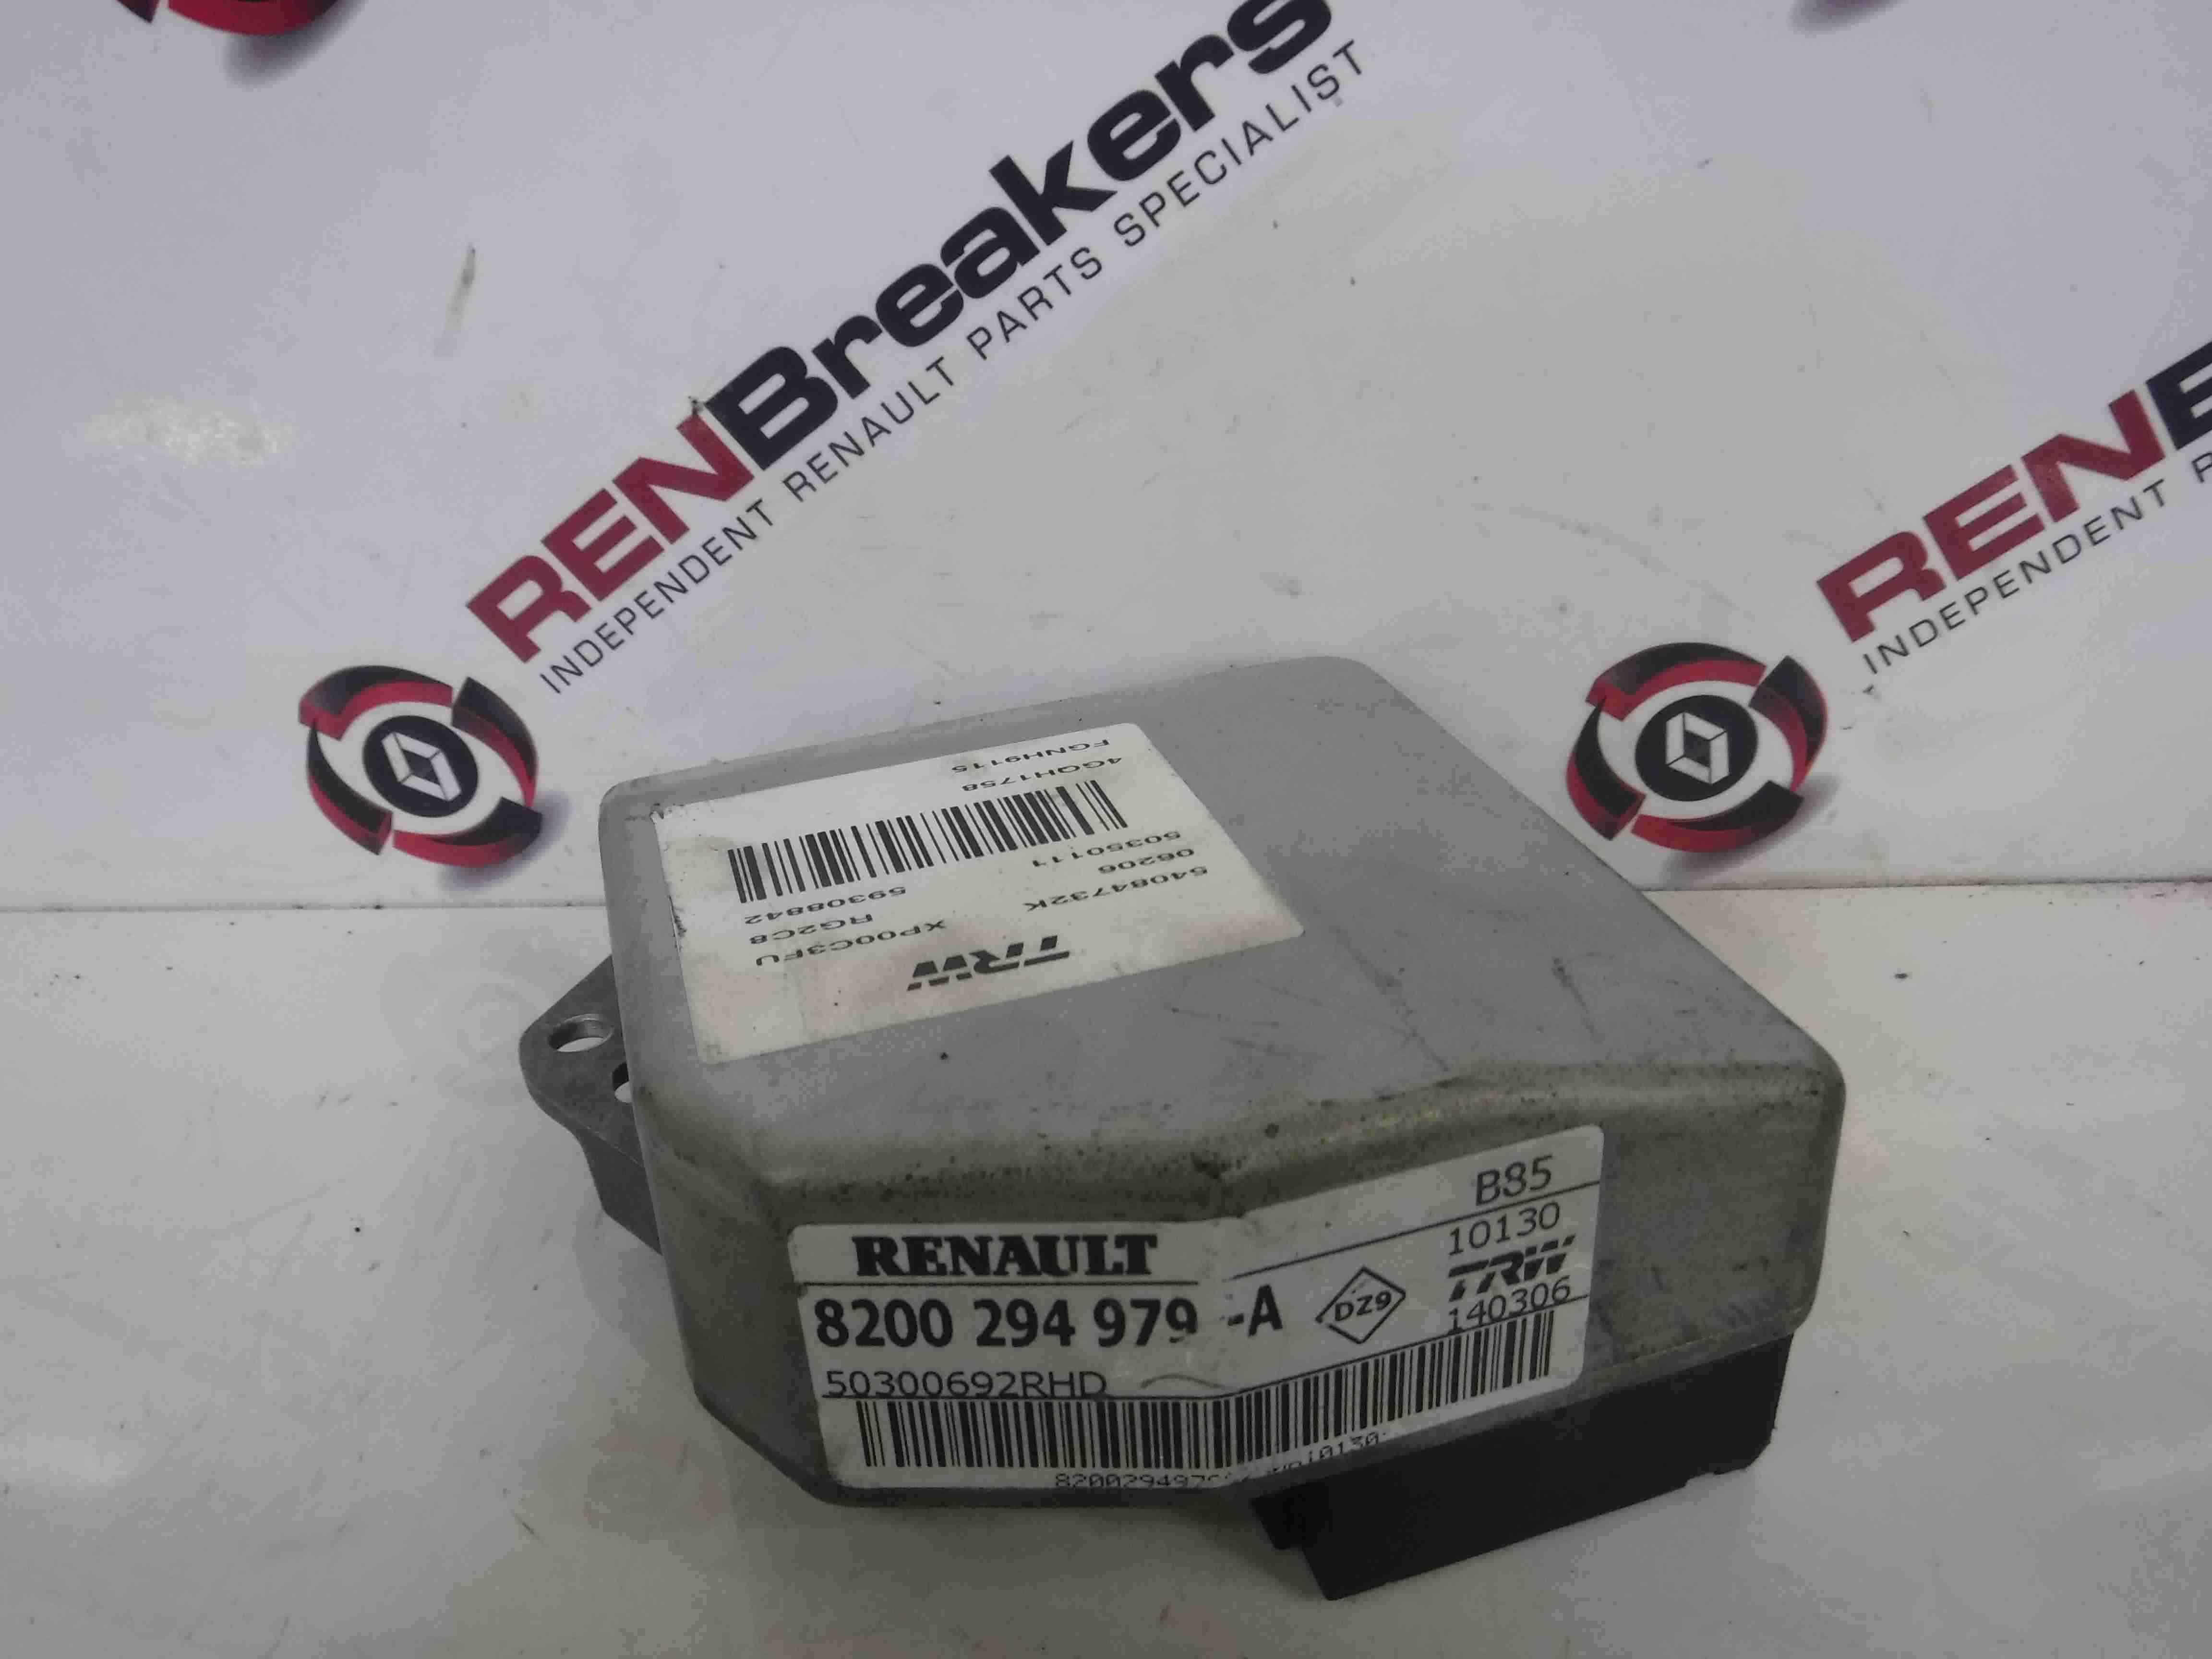 Renault Clio MK3 2005-2012 Steering Column ECU TRW 8200294979